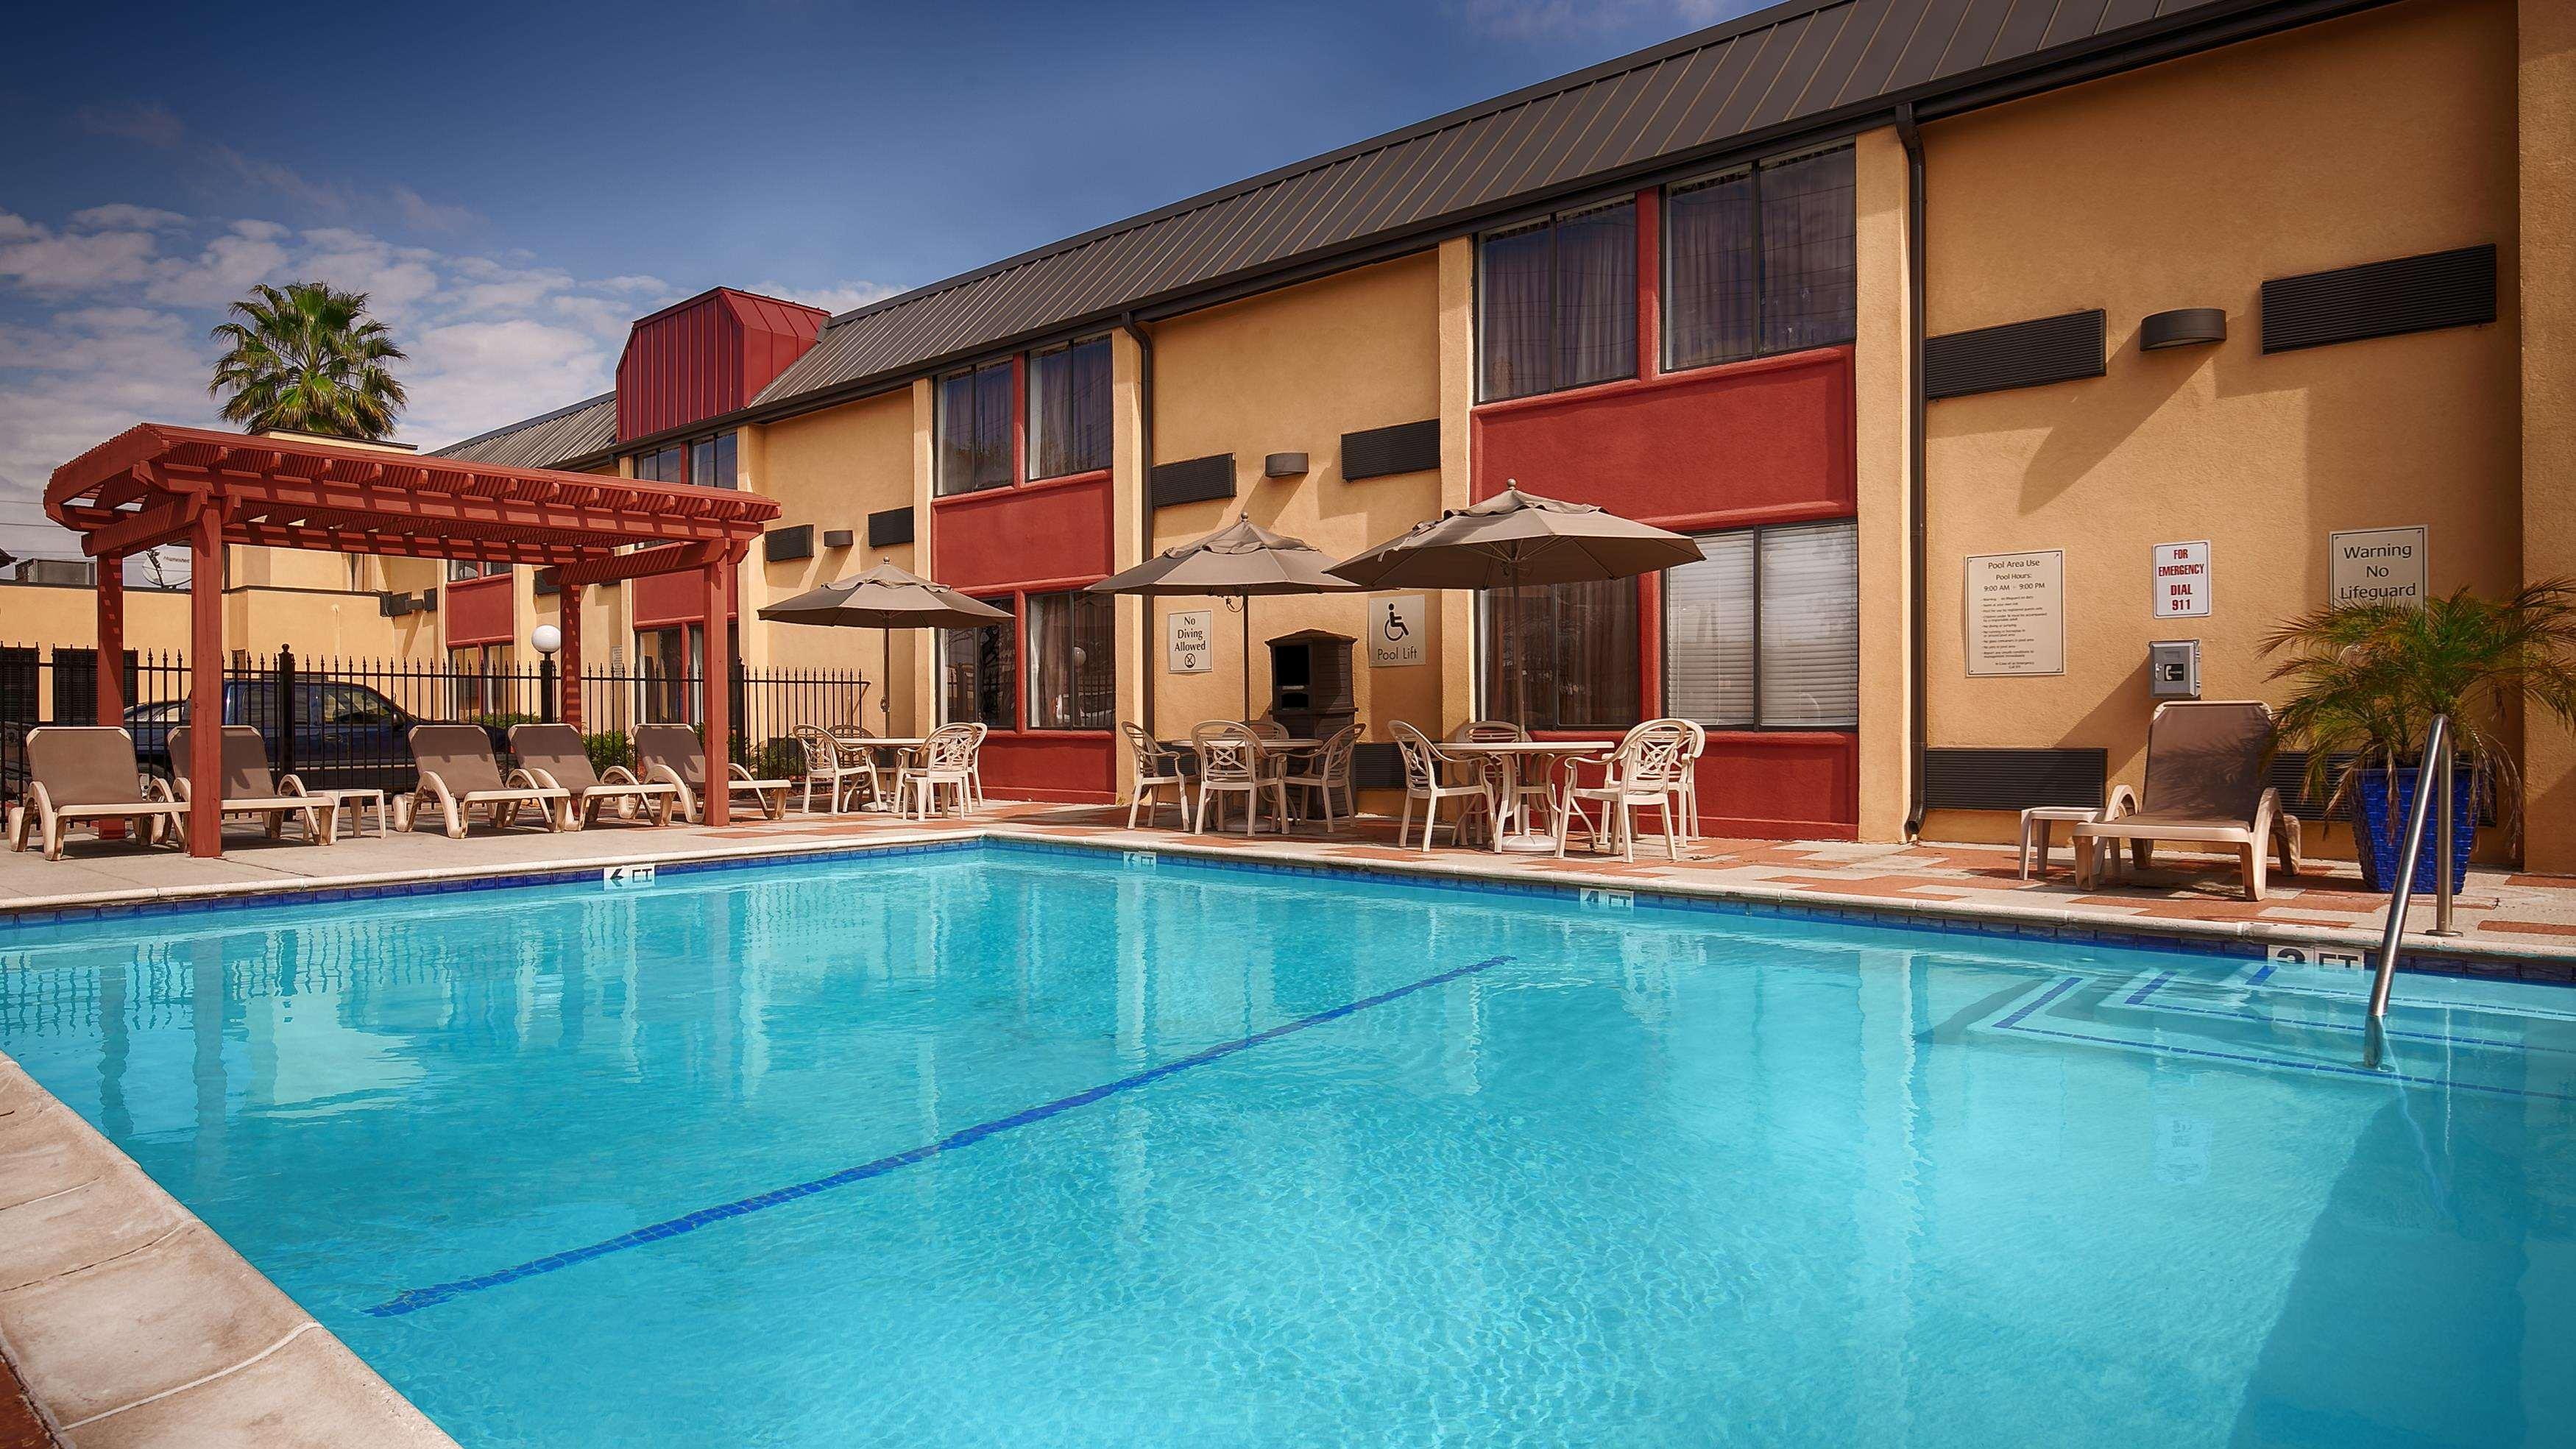 Best Western Webster Hotel, NASA image 1